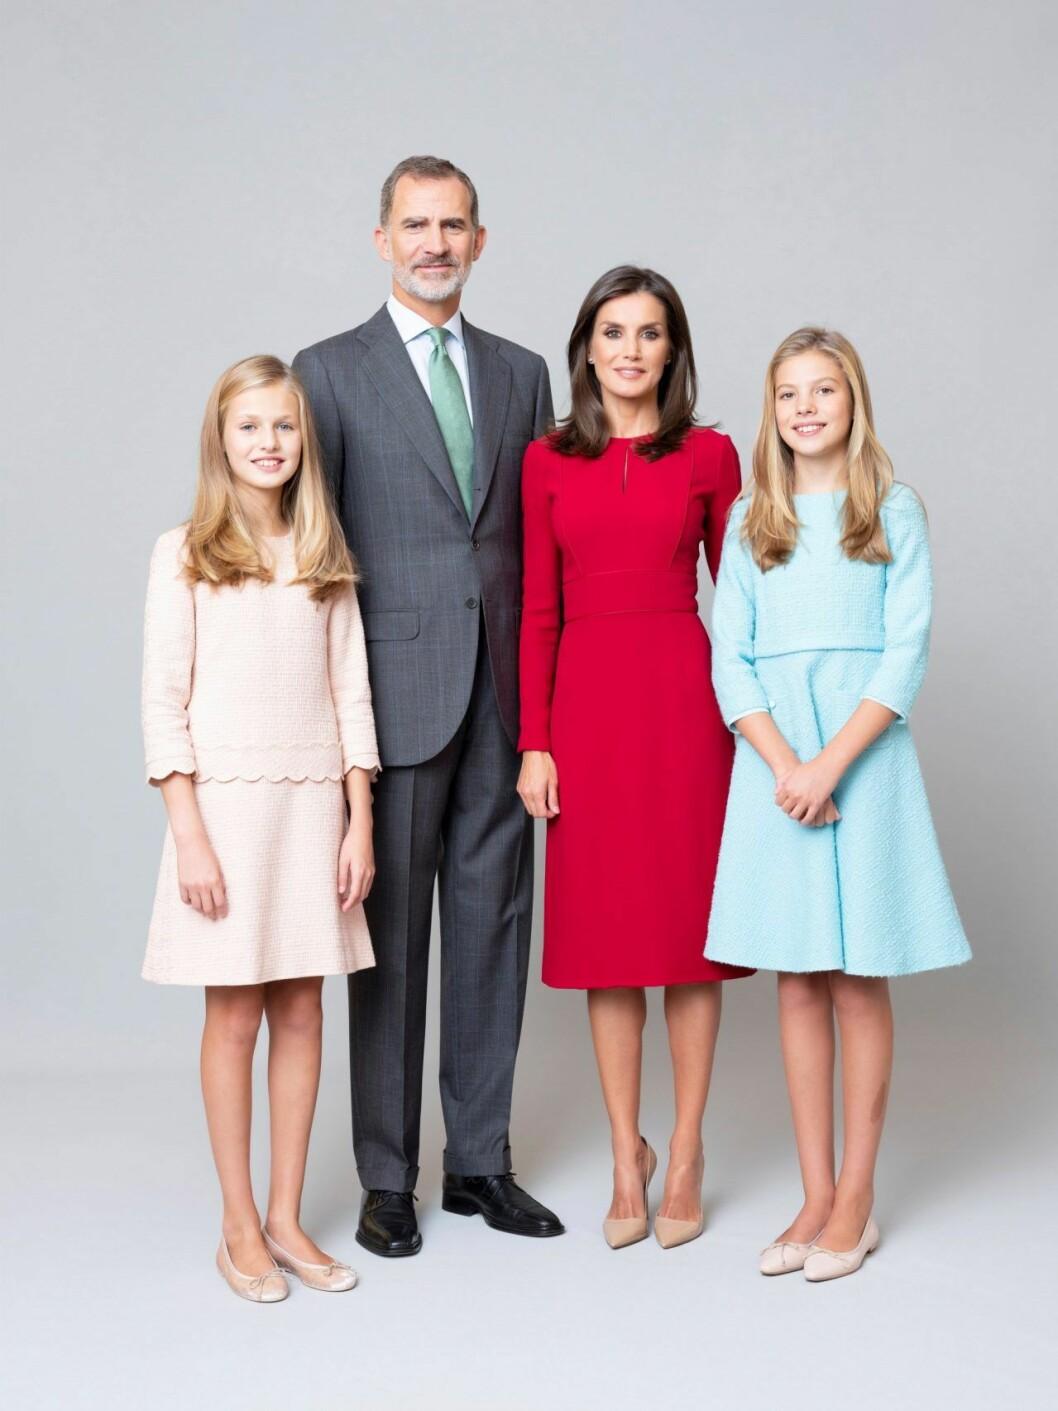 Den spanska kungafamiljen! Kung Felipe, drottningen Letizia och döttrarna Leonor och Sofia.